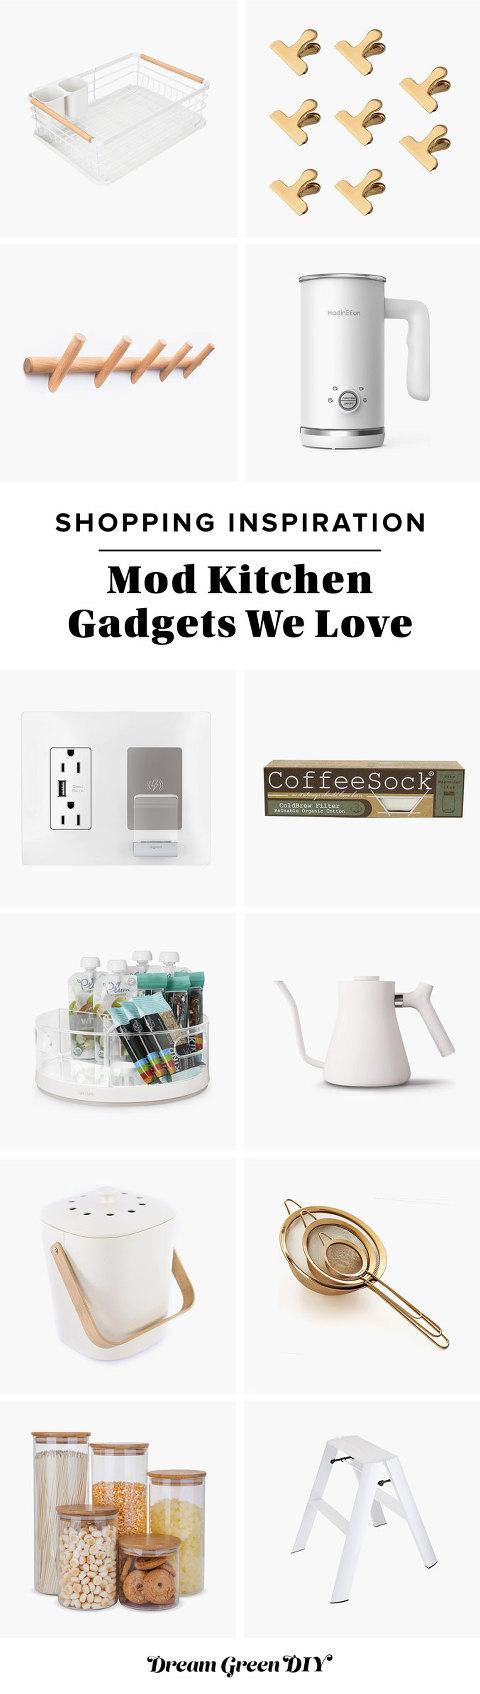 Mod Kitchen Gadgets We Love